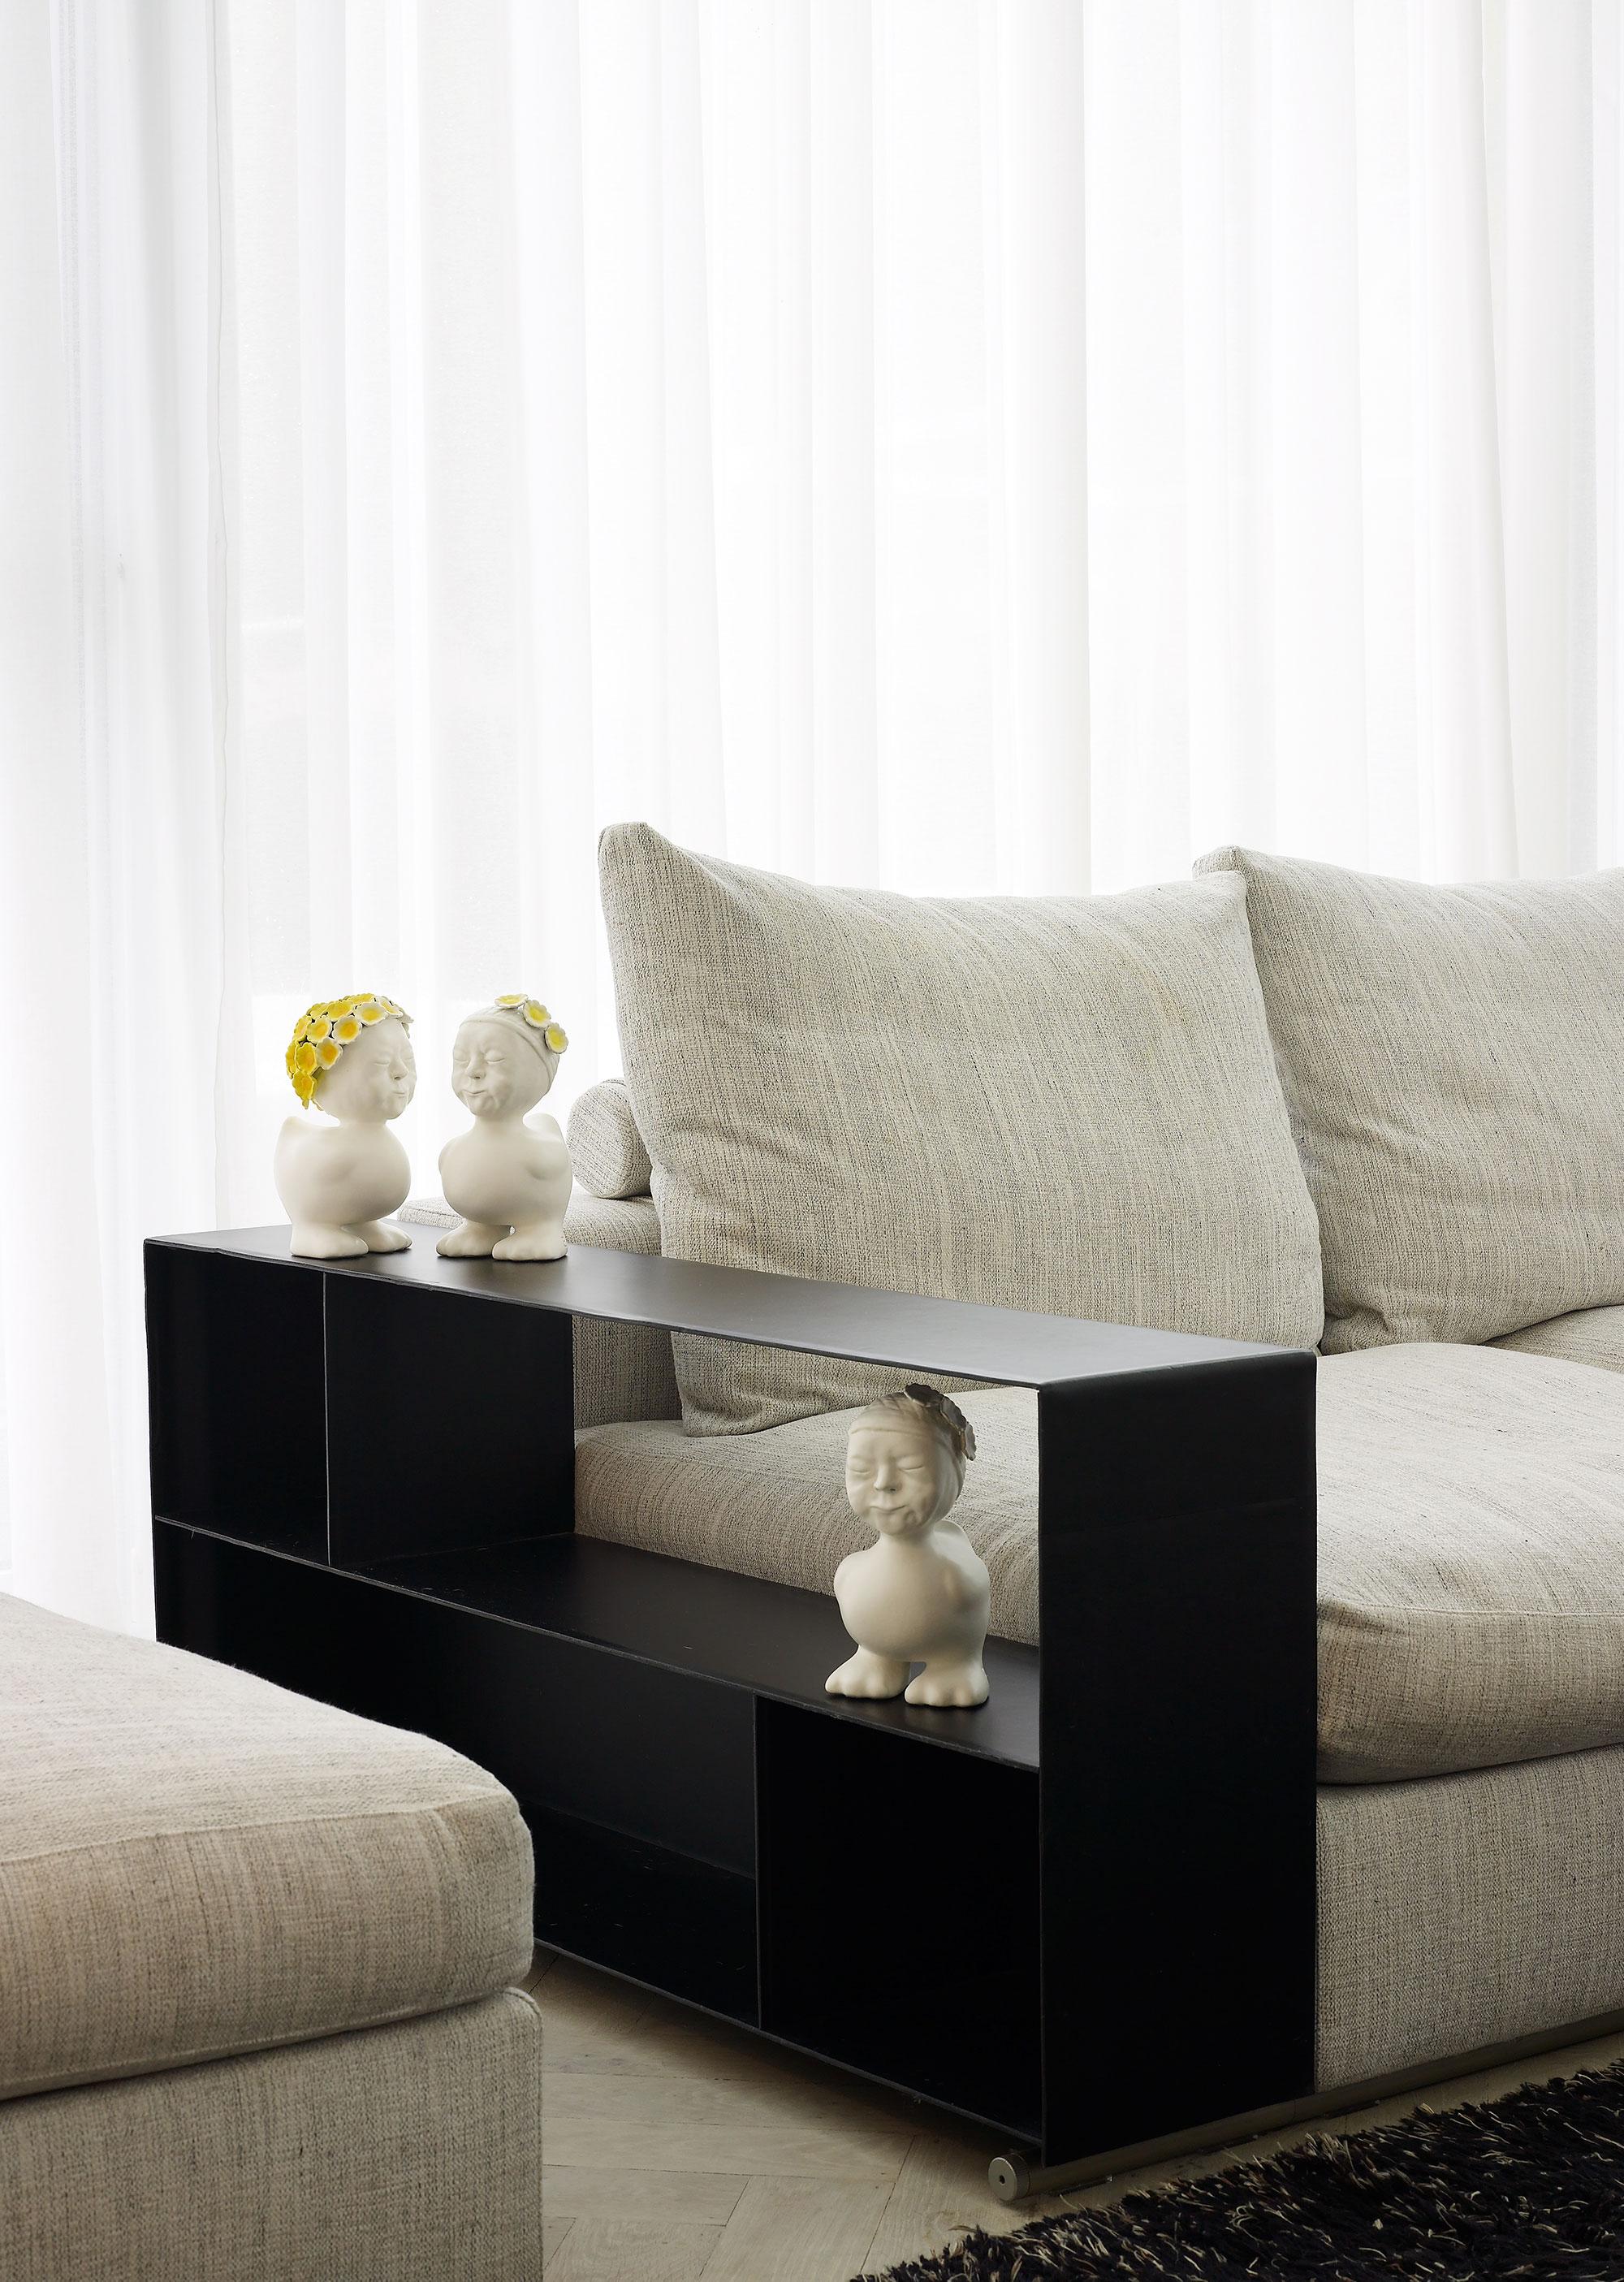 Accessoires design meubelen interieur plus for Interieur accessoires design